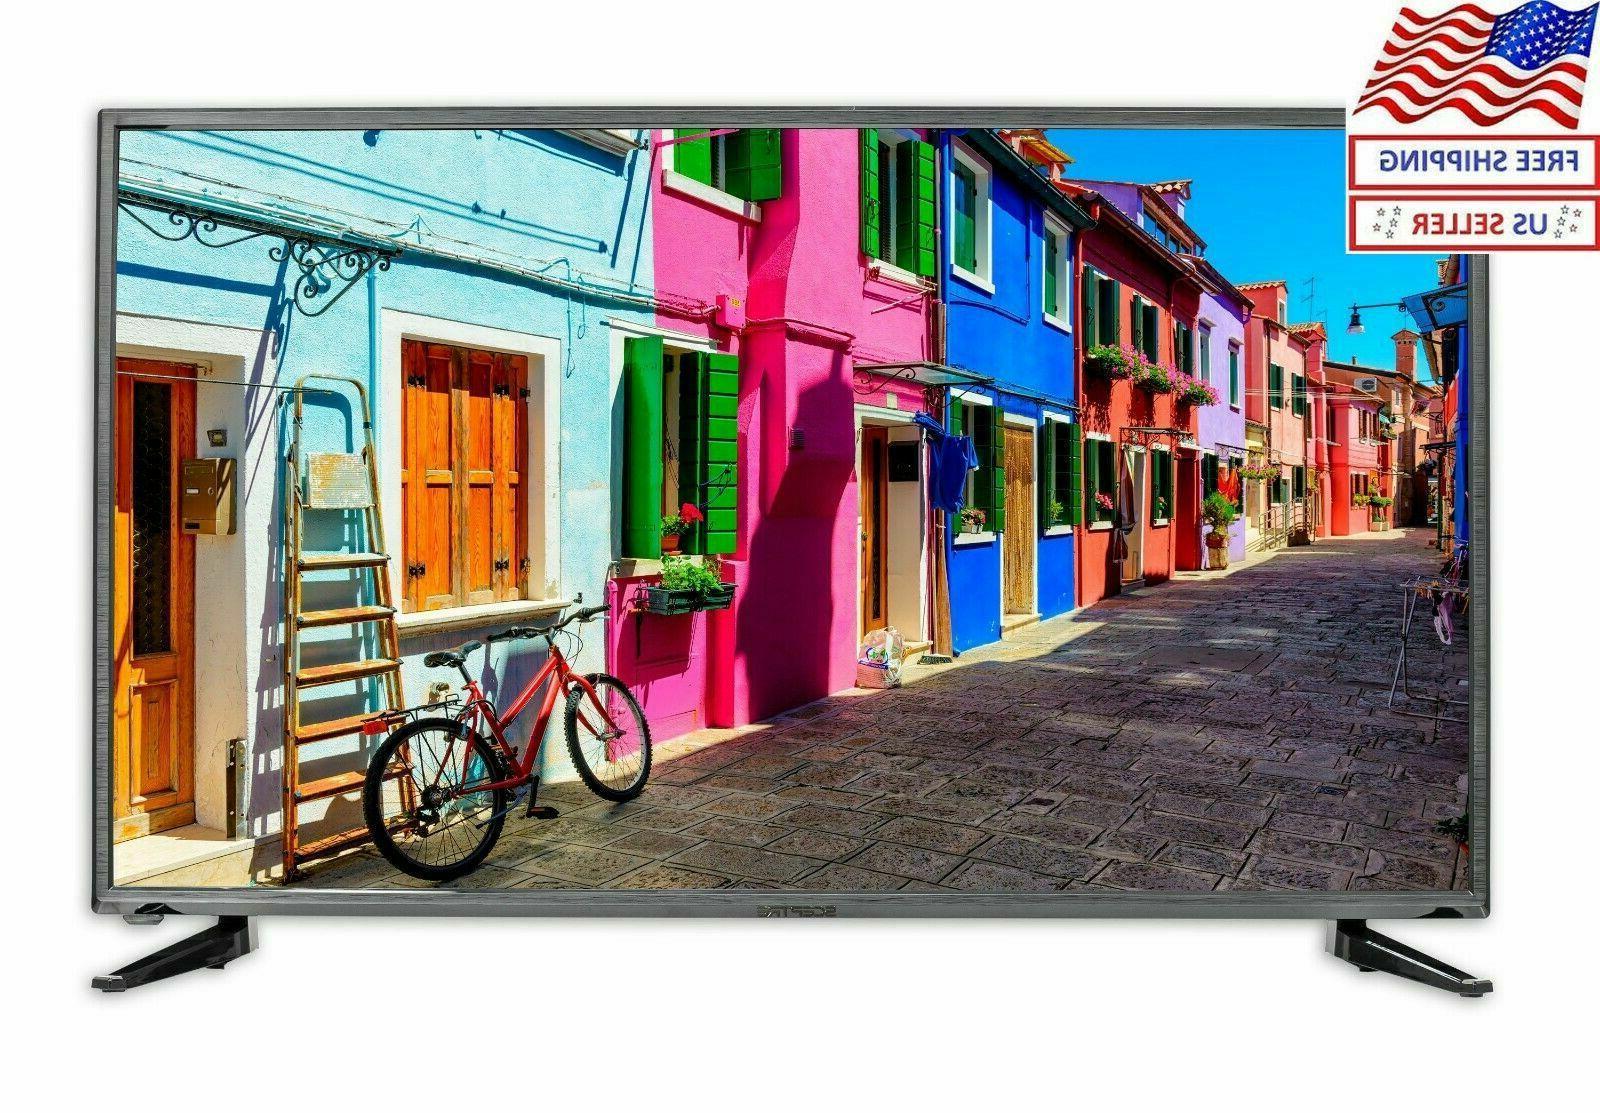 40 flat screen fhd usb hdmi 1080p